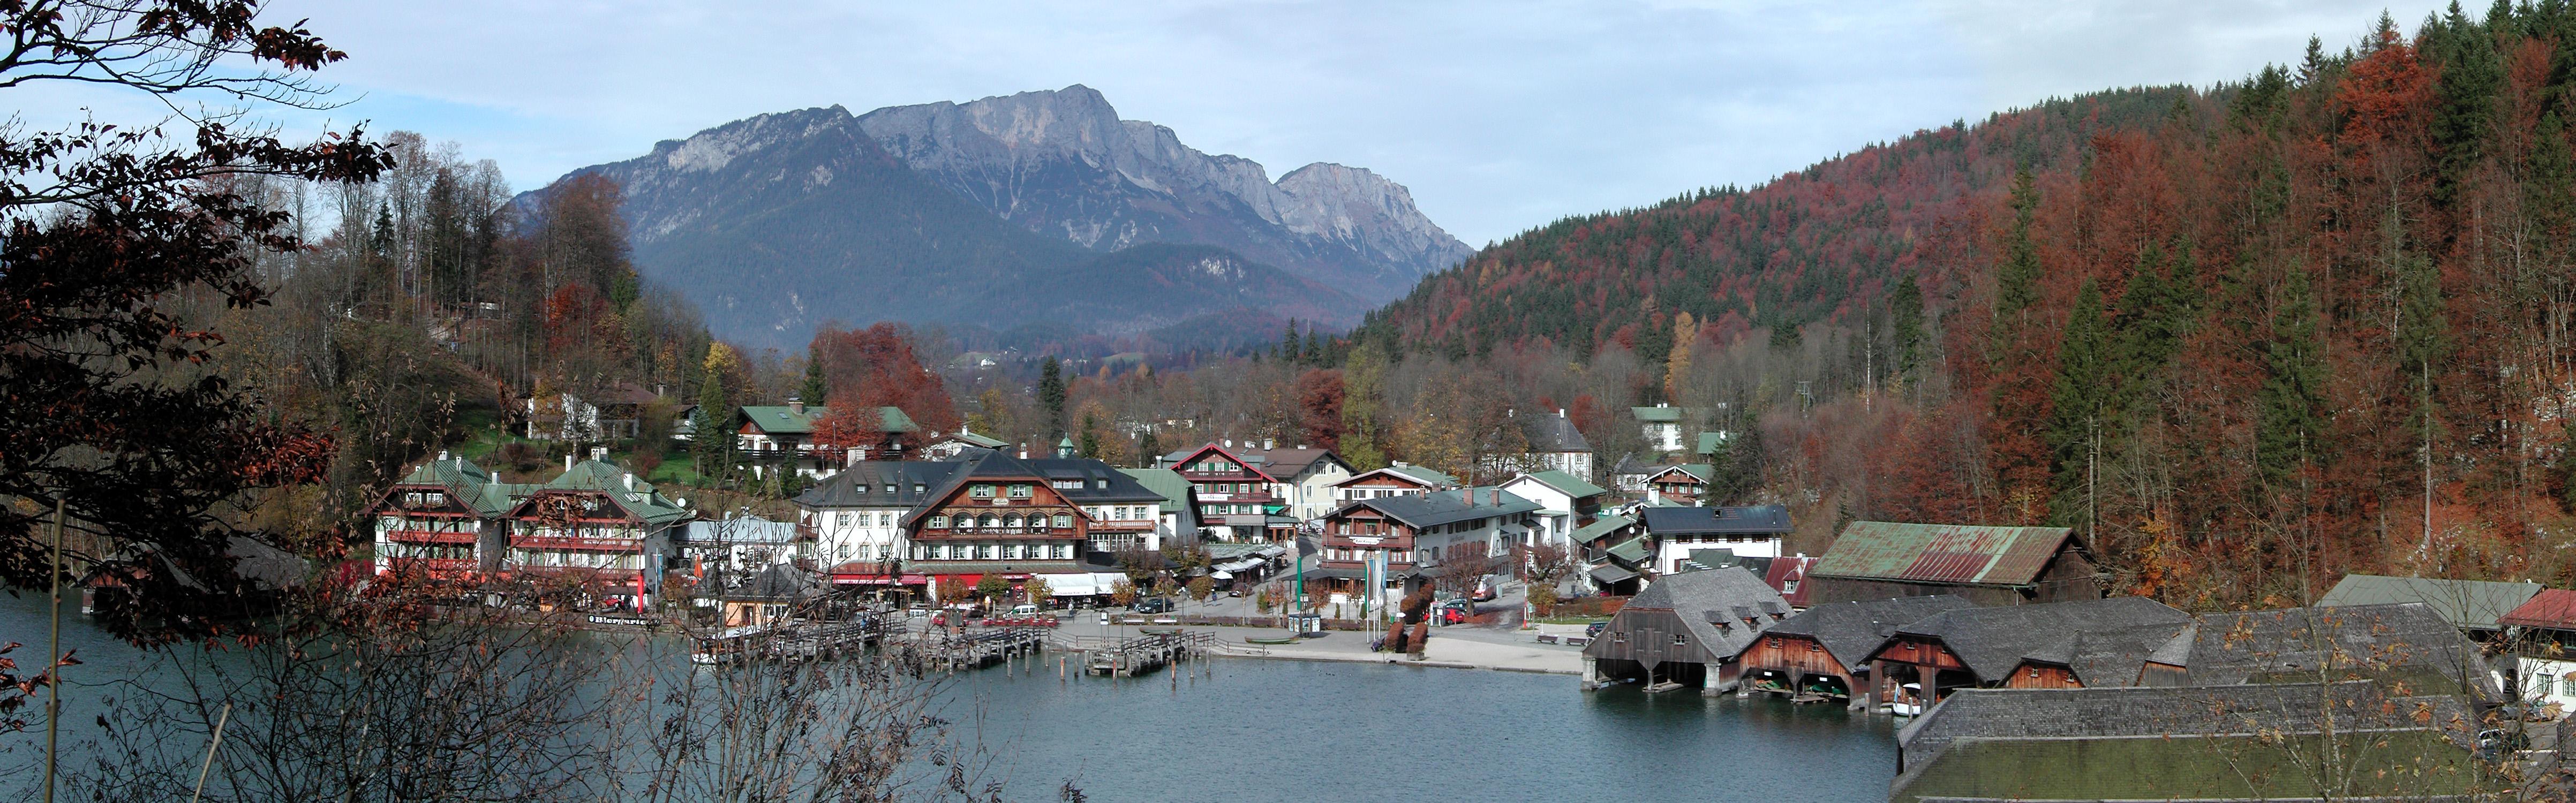 Ort German